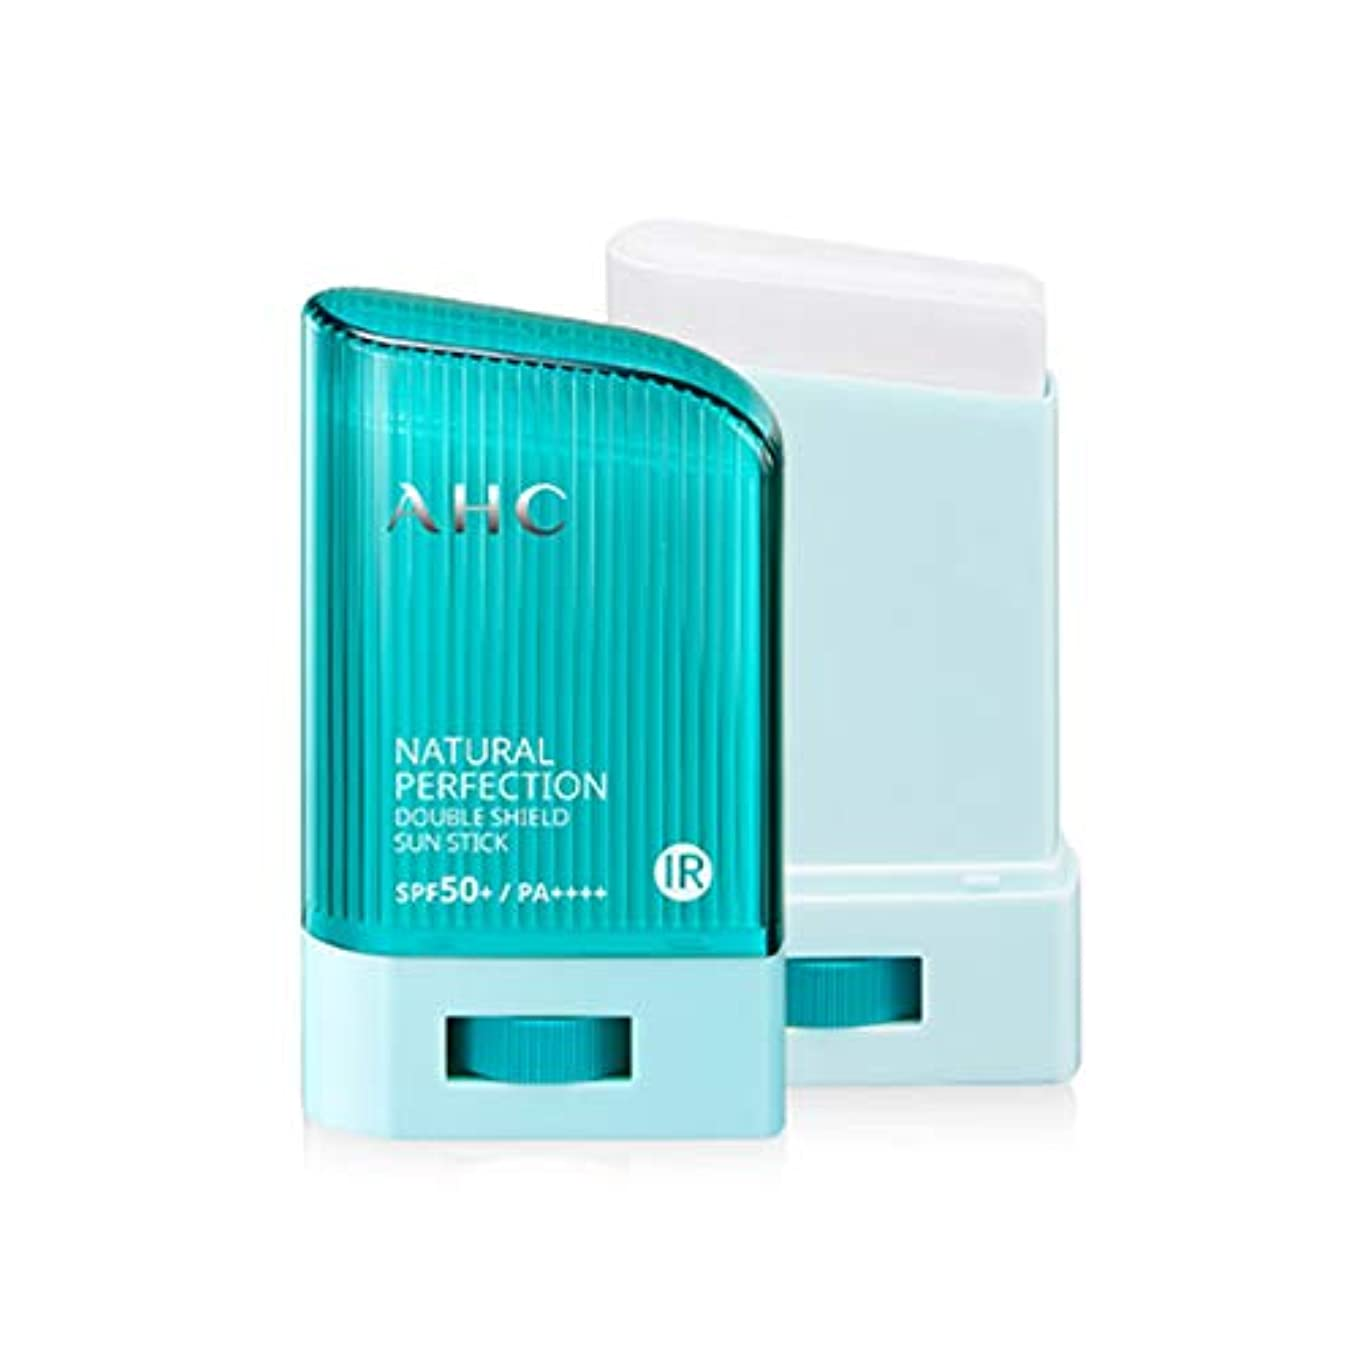 何十人もパニック考慮AHC ナチュラルパーフェクションダブルシールドサンスティック ブルー Natural Perfection Double Shield Sun Stick BLUE [並行輸入品] (22g)